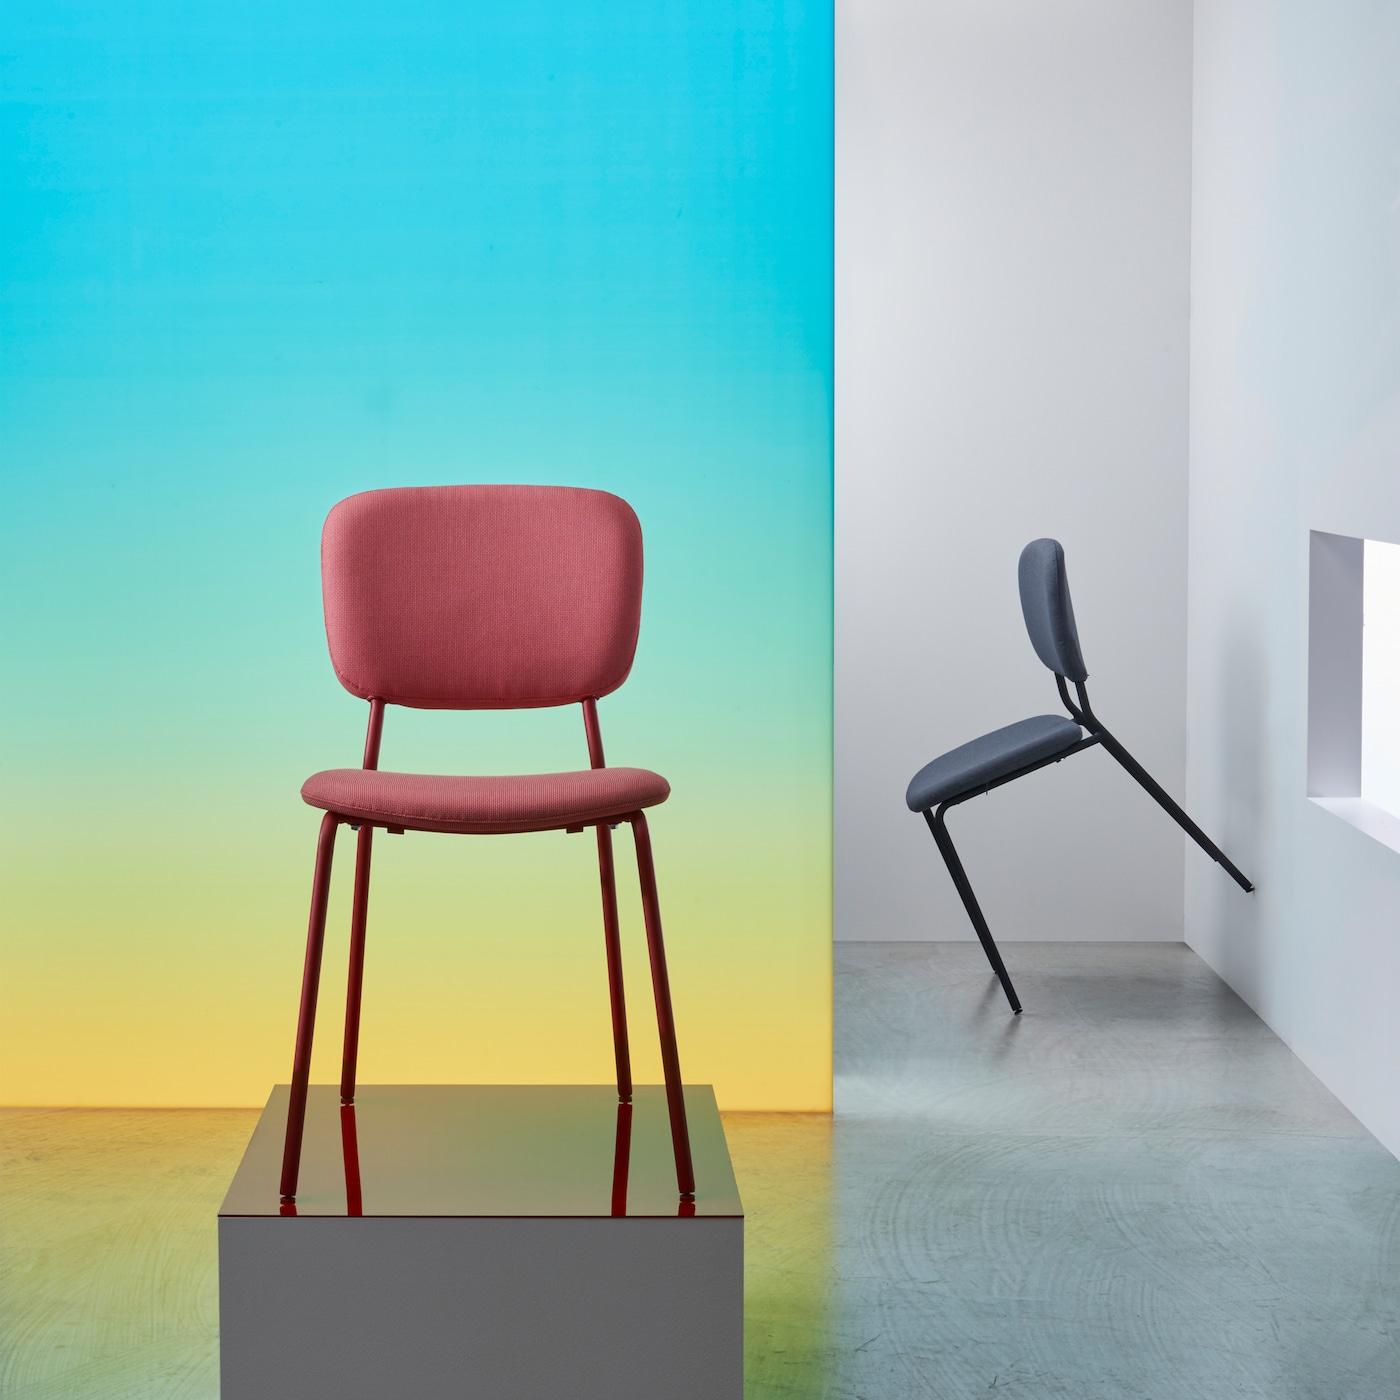 红色金属框架 KARLJAN 卡尔延 椅子,配软垫座椅和靠背,彰显复古风格设计。